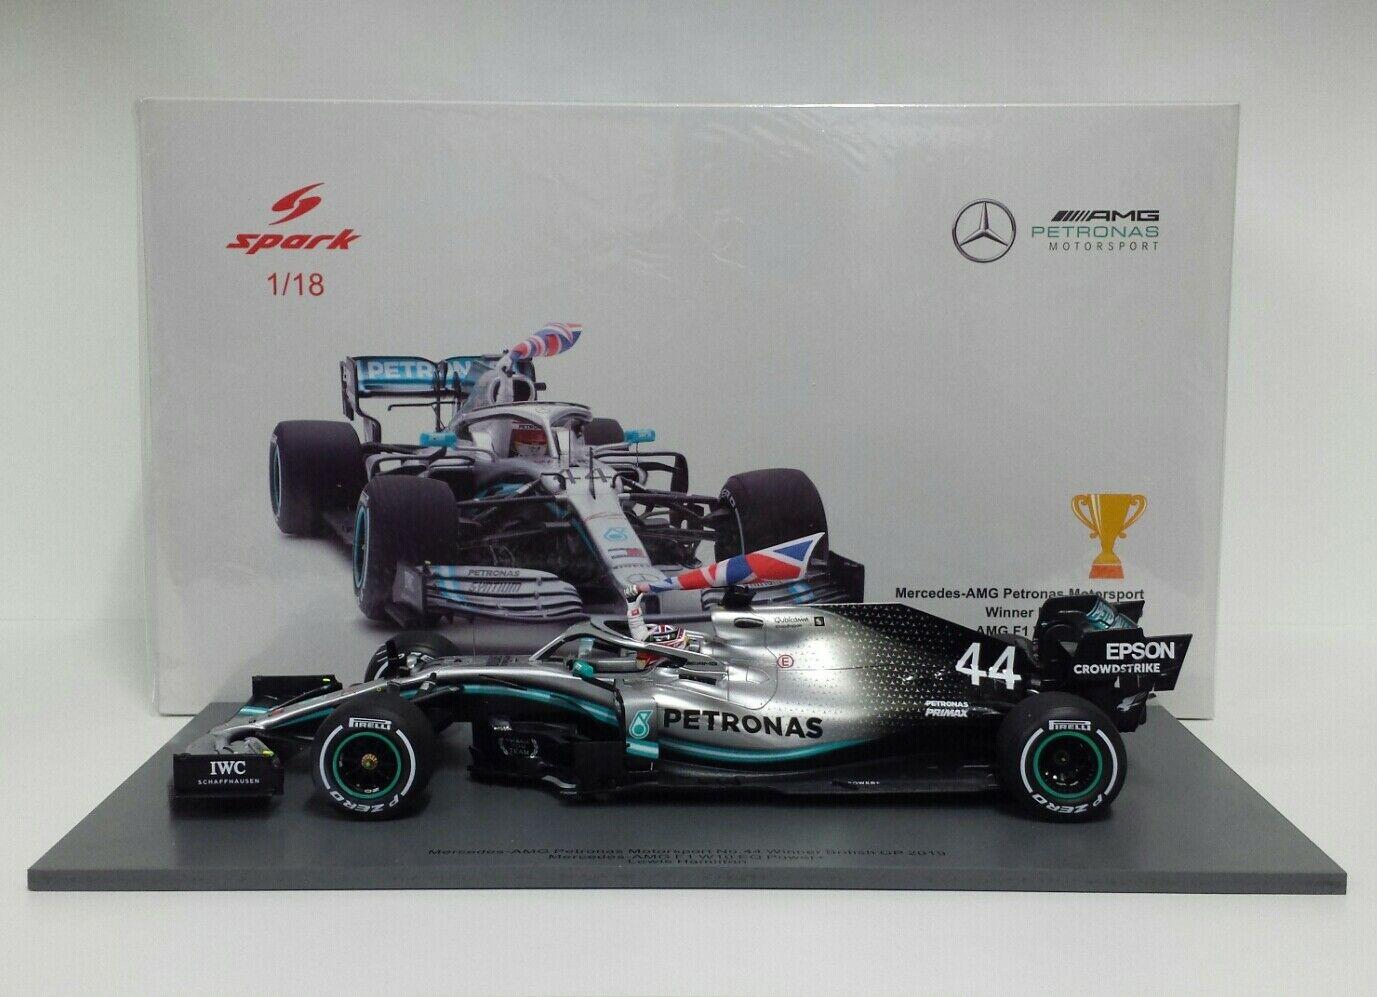 SPARK 1/18 MODELLINO AUTO F1 MERCEDES AMG HAMILTON WINNER INGHILTERRA 2019 NUOVO